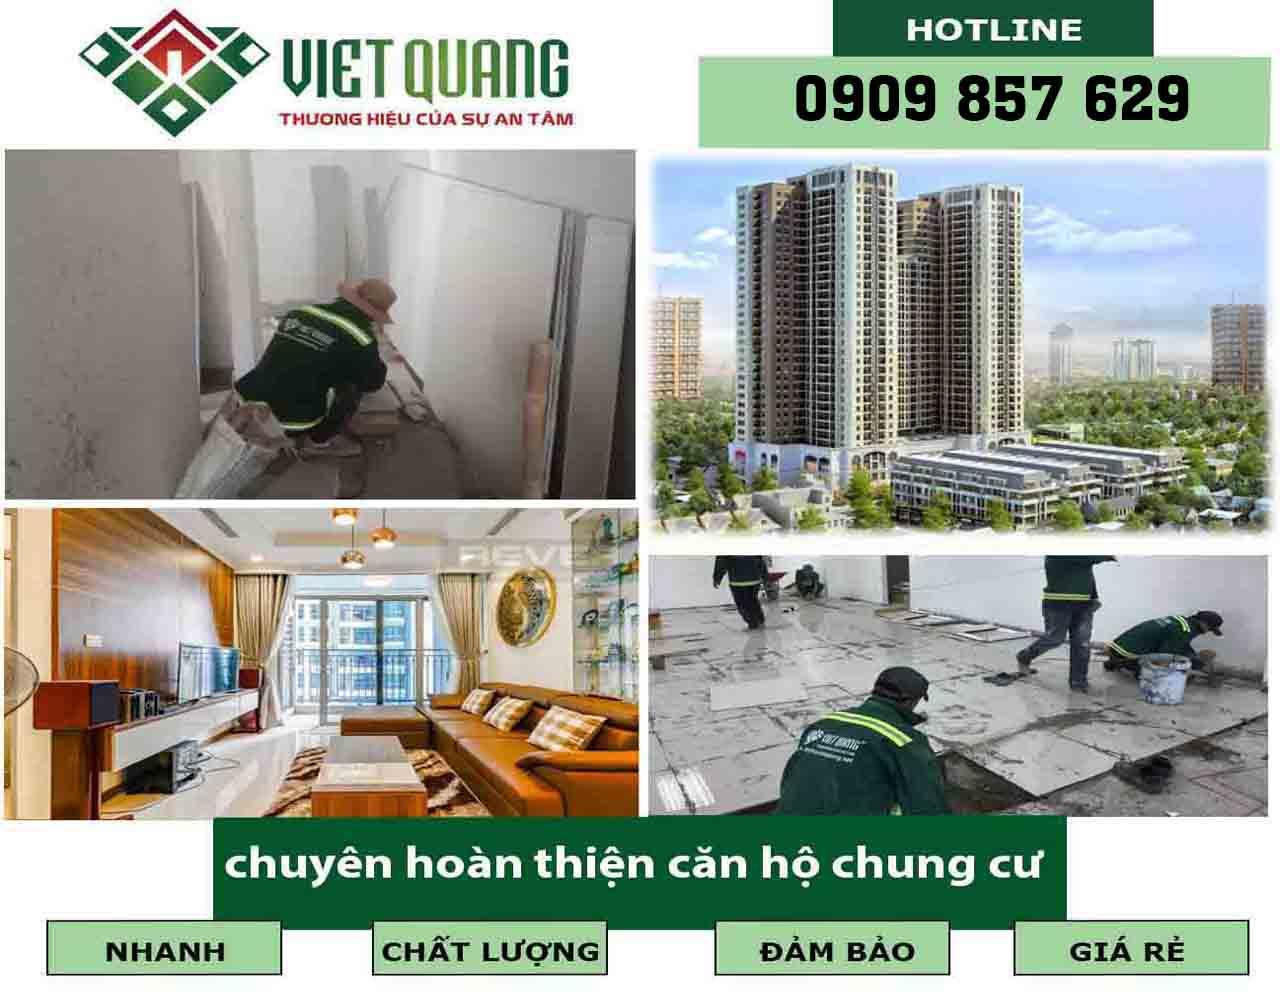 Công ty chuyên hoàn thiện căn hộ chung cư